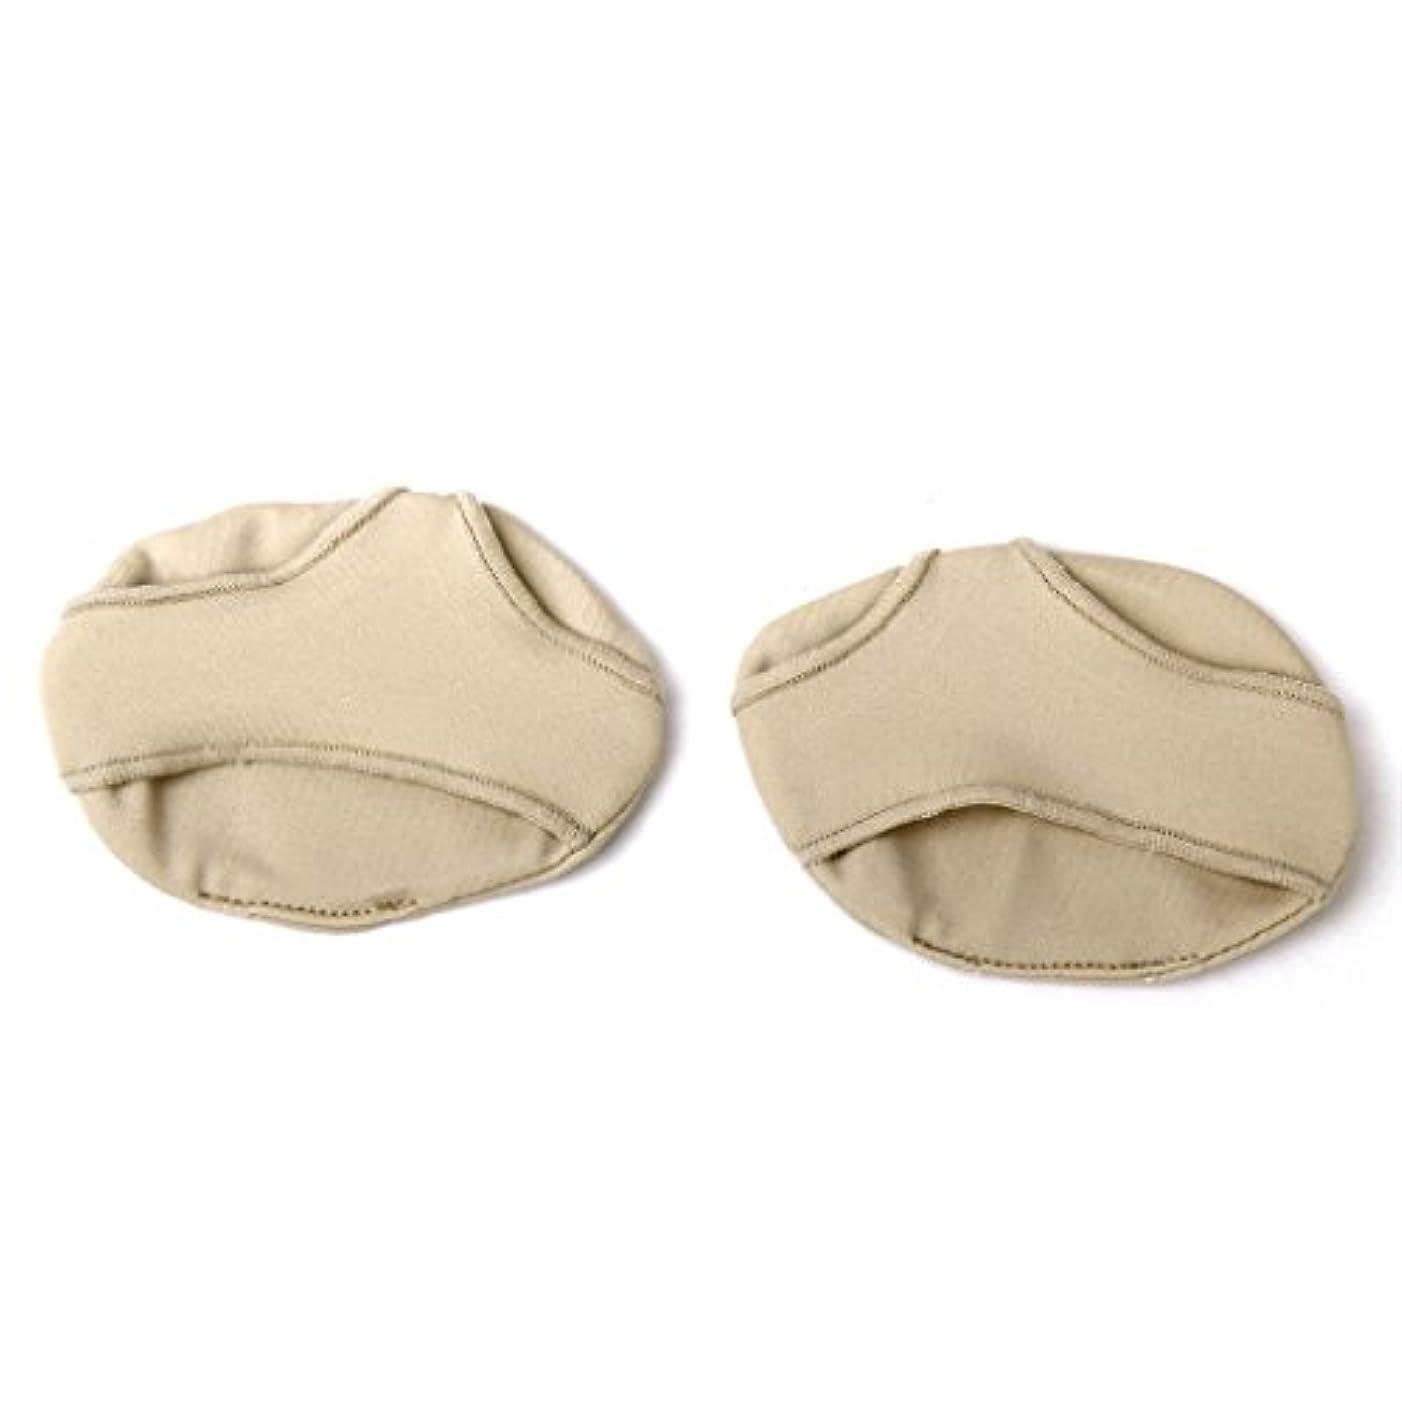 入射以上祭司SODIAL(R) ペアの低中足パッド クッションブランケット 前足の痛みを和らげるためのストラップ付きインソール Y形